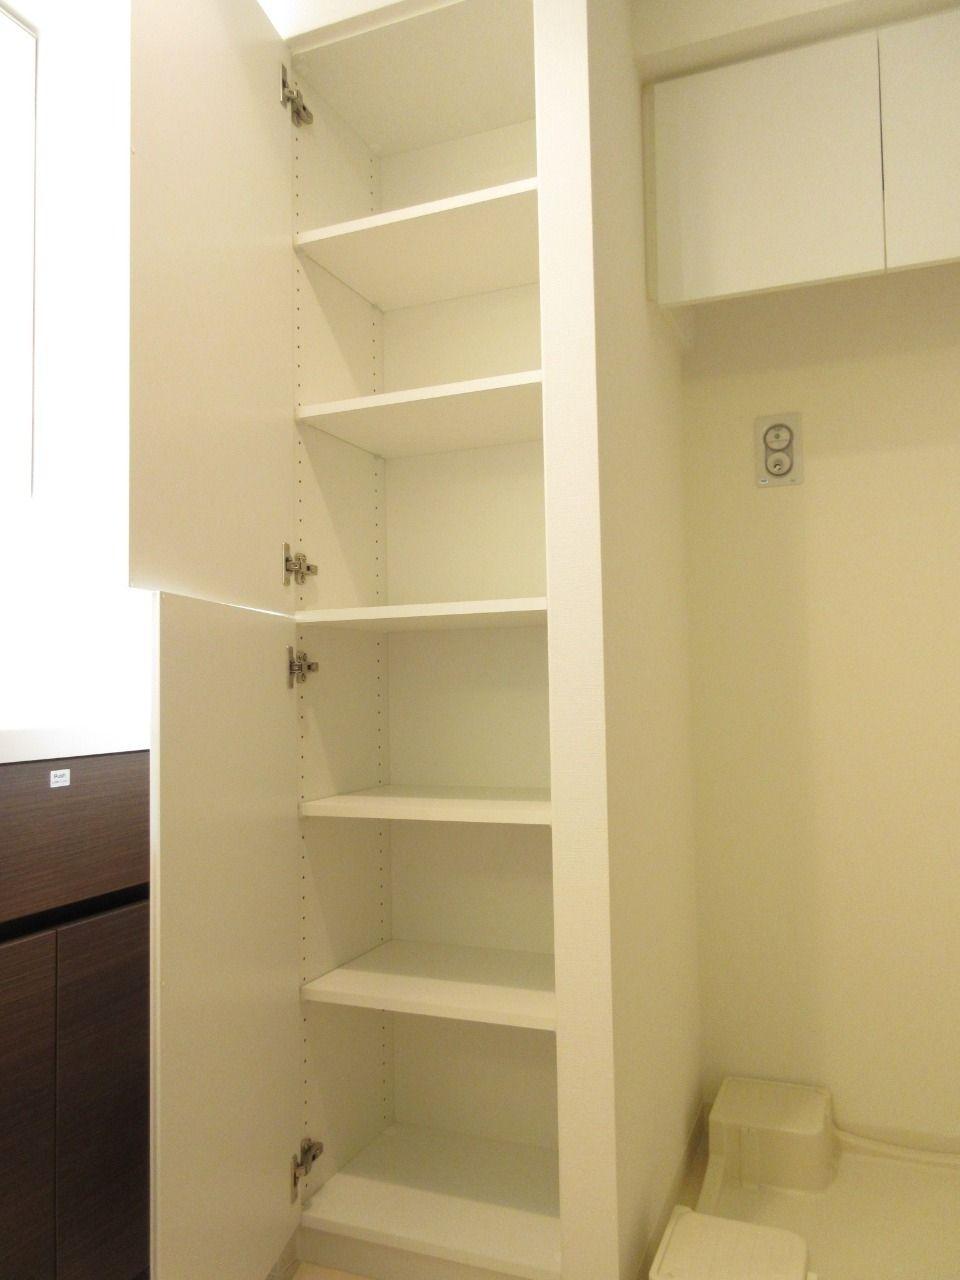 入浴や洗面で使用するタオルや室内着、洗剤や柔軟剤などをスッキリと収納できます